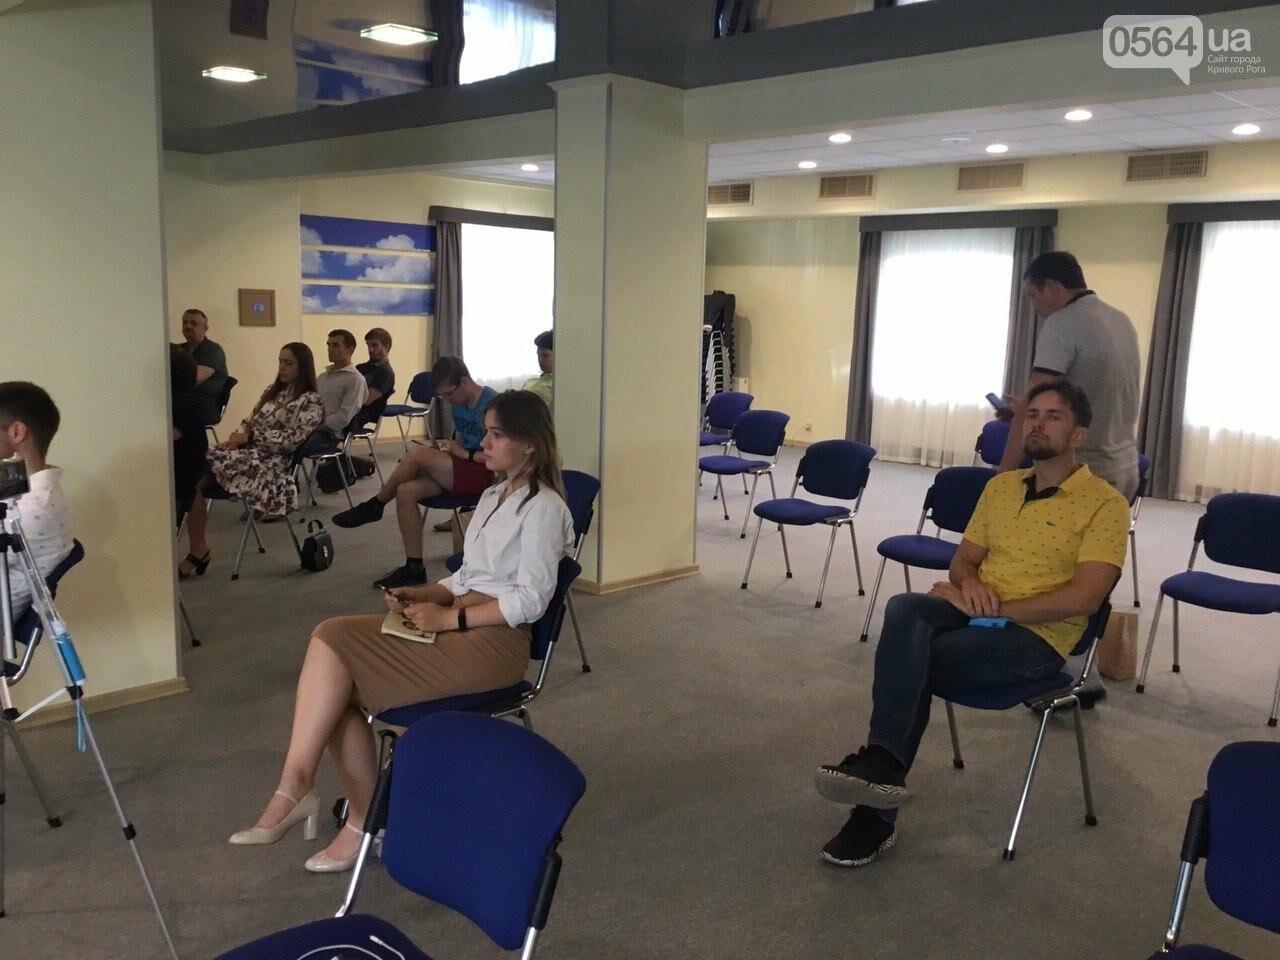 Криворожане обсудили с известным экспертом вопросы децентрализации и избирательных новшеств, - ФОТО, ВИДЕО, фото-2